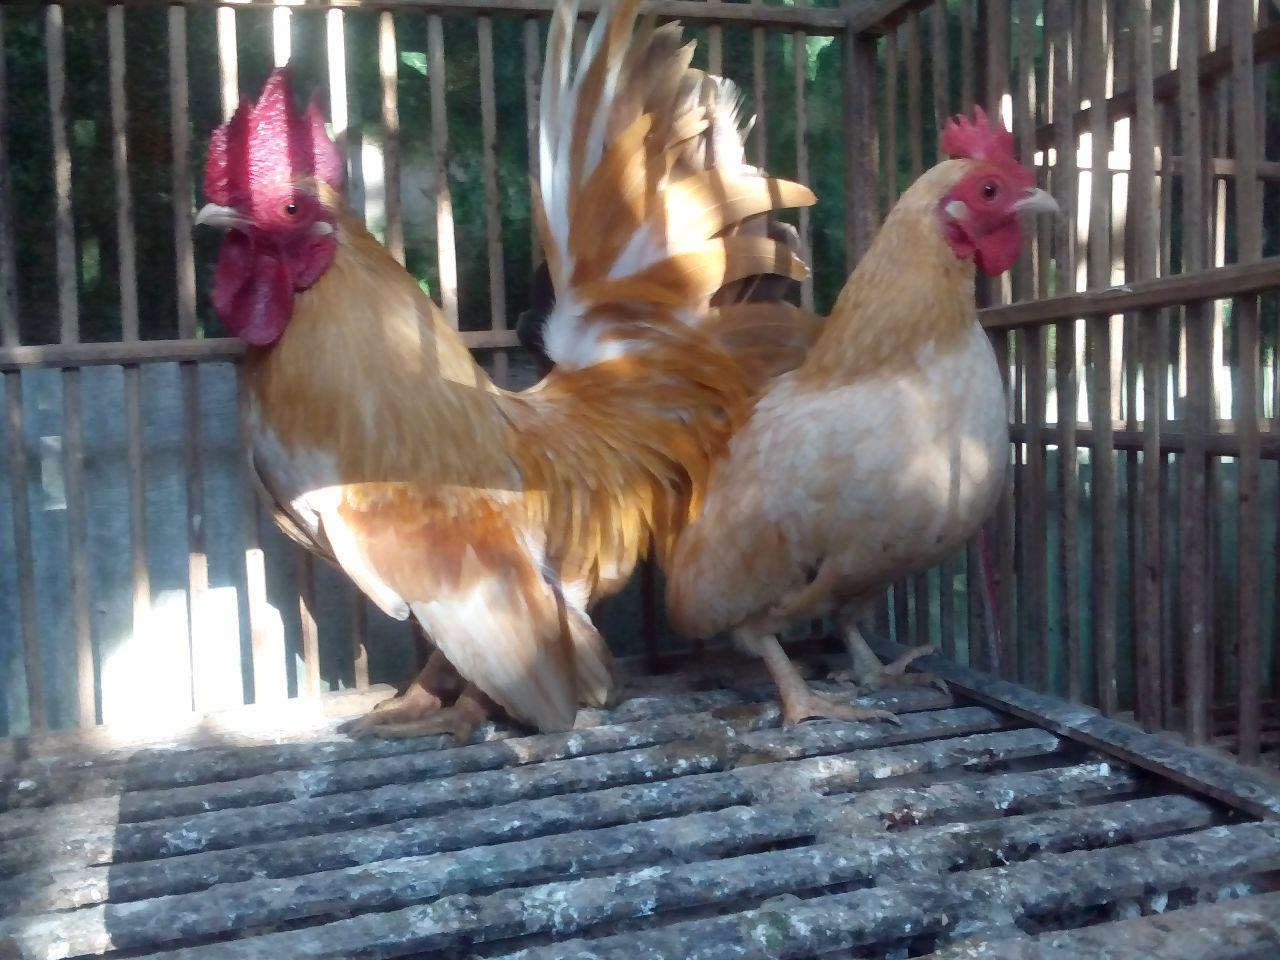 Ayam kate yang tidak memiliki bulu pada kakinya